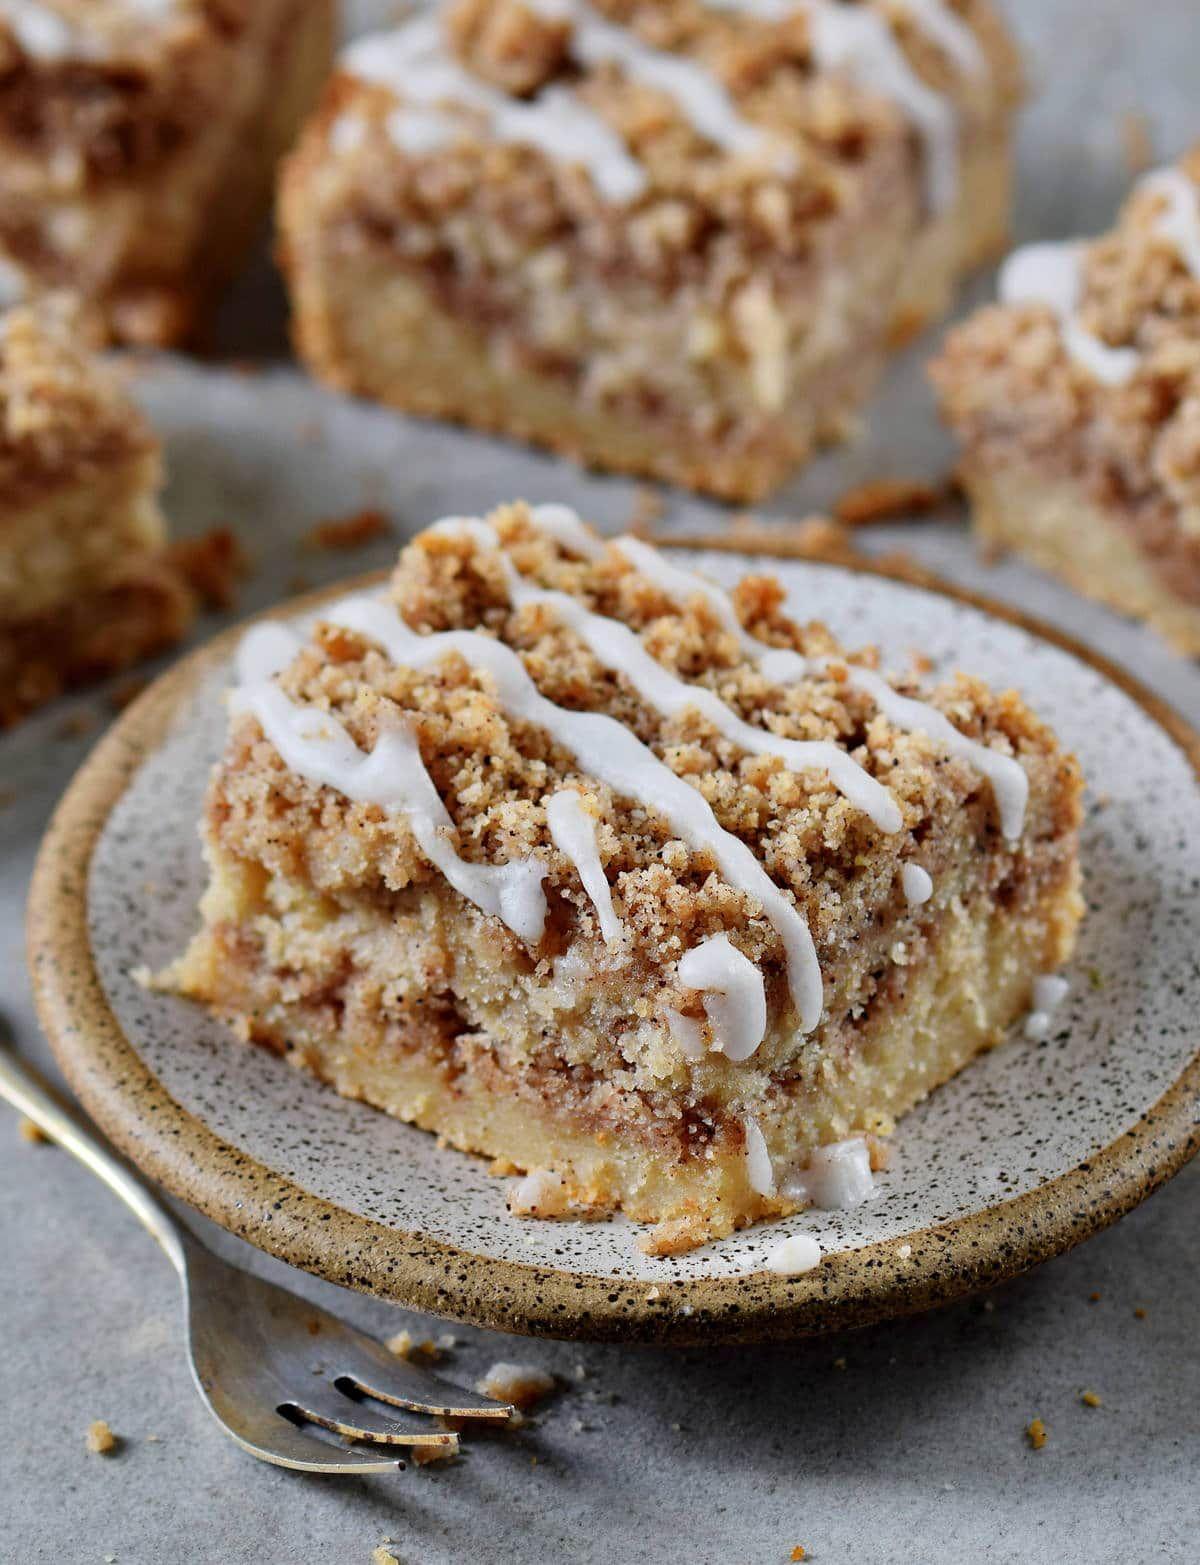 Veganer Streuselkuchen ohne Hefe | Zimt-Krümelkuchen - Elavegan